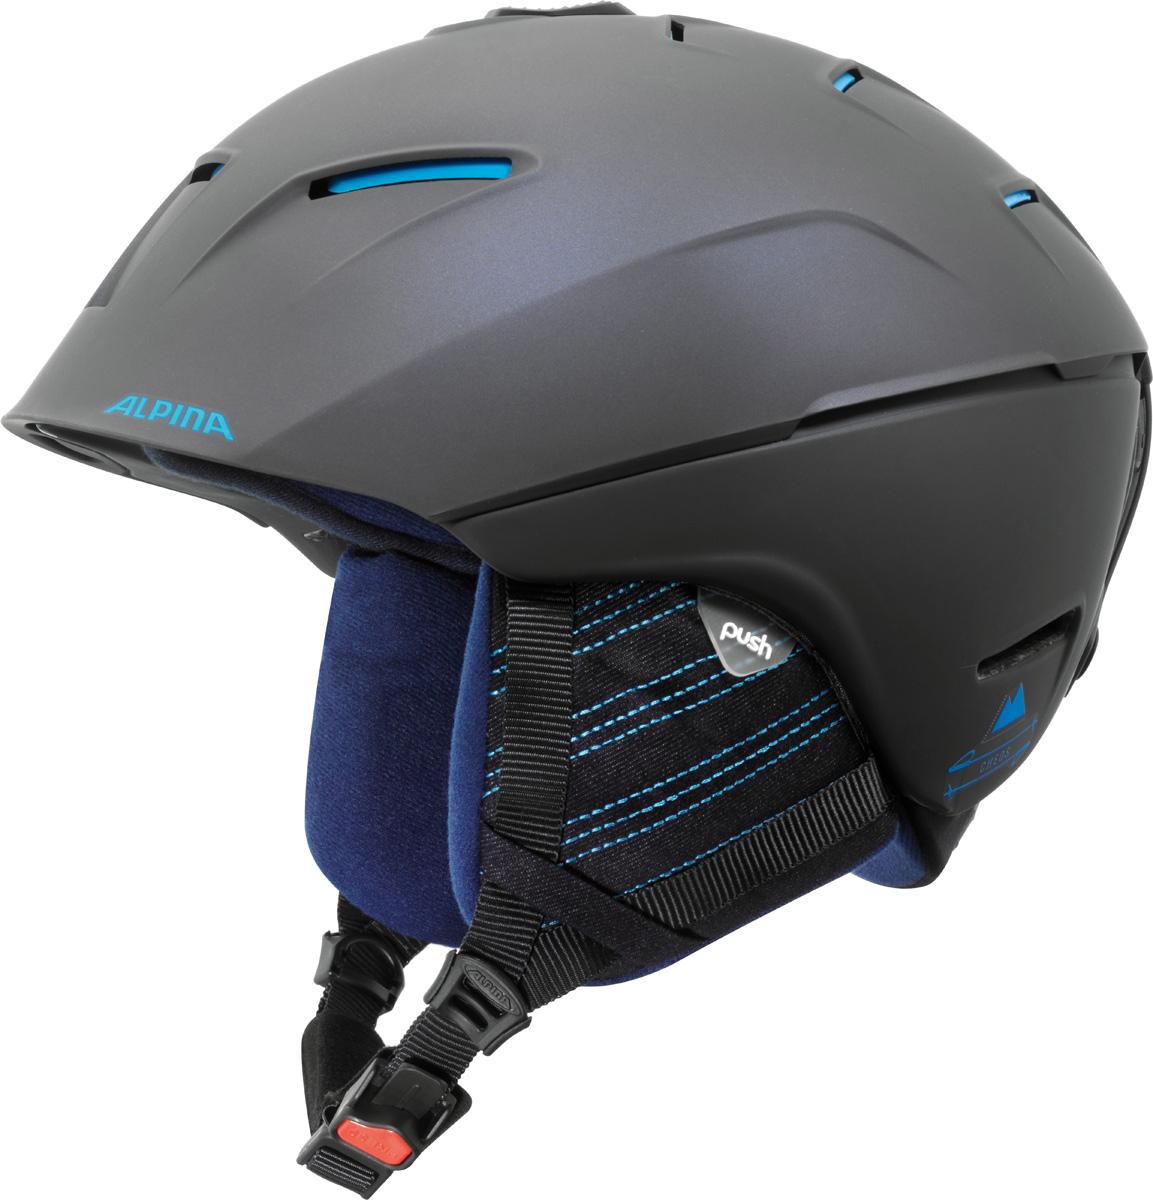 Шлем горнолыжный Alpina Cheos, цвет: темно-синий. A9058_83. Размер 55-59A9058_83Модель сочетает передовые технологии, уникальные характеристики, бескомпромиссную безопасность и исключительный дизайн. Размеры: 52-61 см. Технологии:Hybrid - Нижняя часть шлема состоит из легкого Inmold, что обеспечивает хорошую амортизацию. Верхняя часть - супер-прочный Hardshell.EDGE PROTECT – усиленная нижняя часть шлема, выполненная по технологии Inmold. Дополнительная защита при боковых ударах. RUN SYSTEM – простая система настройки шлема, позволяющая добиться надежной фиксации.AIRSTREAM CONTROL – регулируемые воздушные клапана для полного контроля внутренней вентиляции. REMOVABLE EARPADS - съемные амбушюры добавляют чувства свободы во время катания в теплую погоду, не в ущерб безопасности. При падении температуры, амбушюры легко устанавливаются обратно на шлем.CHANGEABLE INTERIOR – съемная внутренняя часть. Допускается стирка в теплой мыльной воде.NECKWARMER – дополнительное утепление шеи. Изготовлено из мягкого флиса.3D FIT – ремень, позволяющий регулироваться затылочную часть шлема. Пять позиций позволят настроить идеальную посадку.